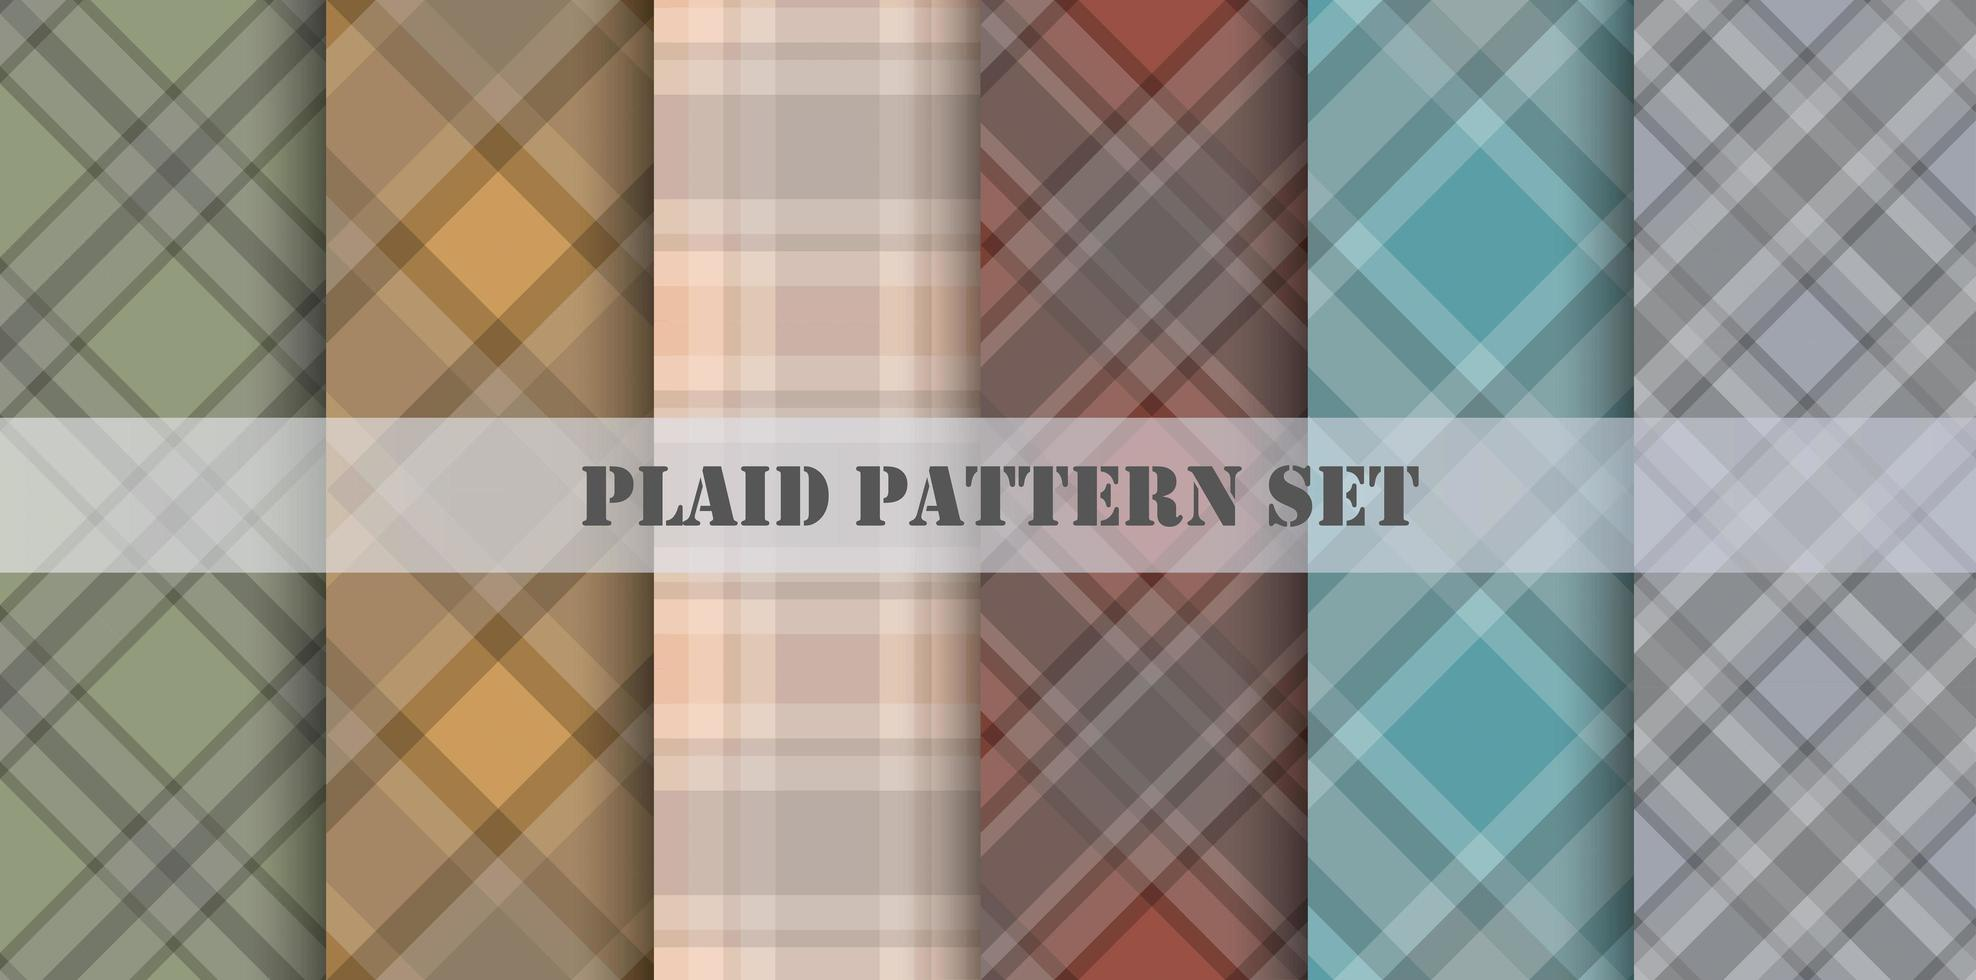 Plaid Patterns Various Colors Set vector